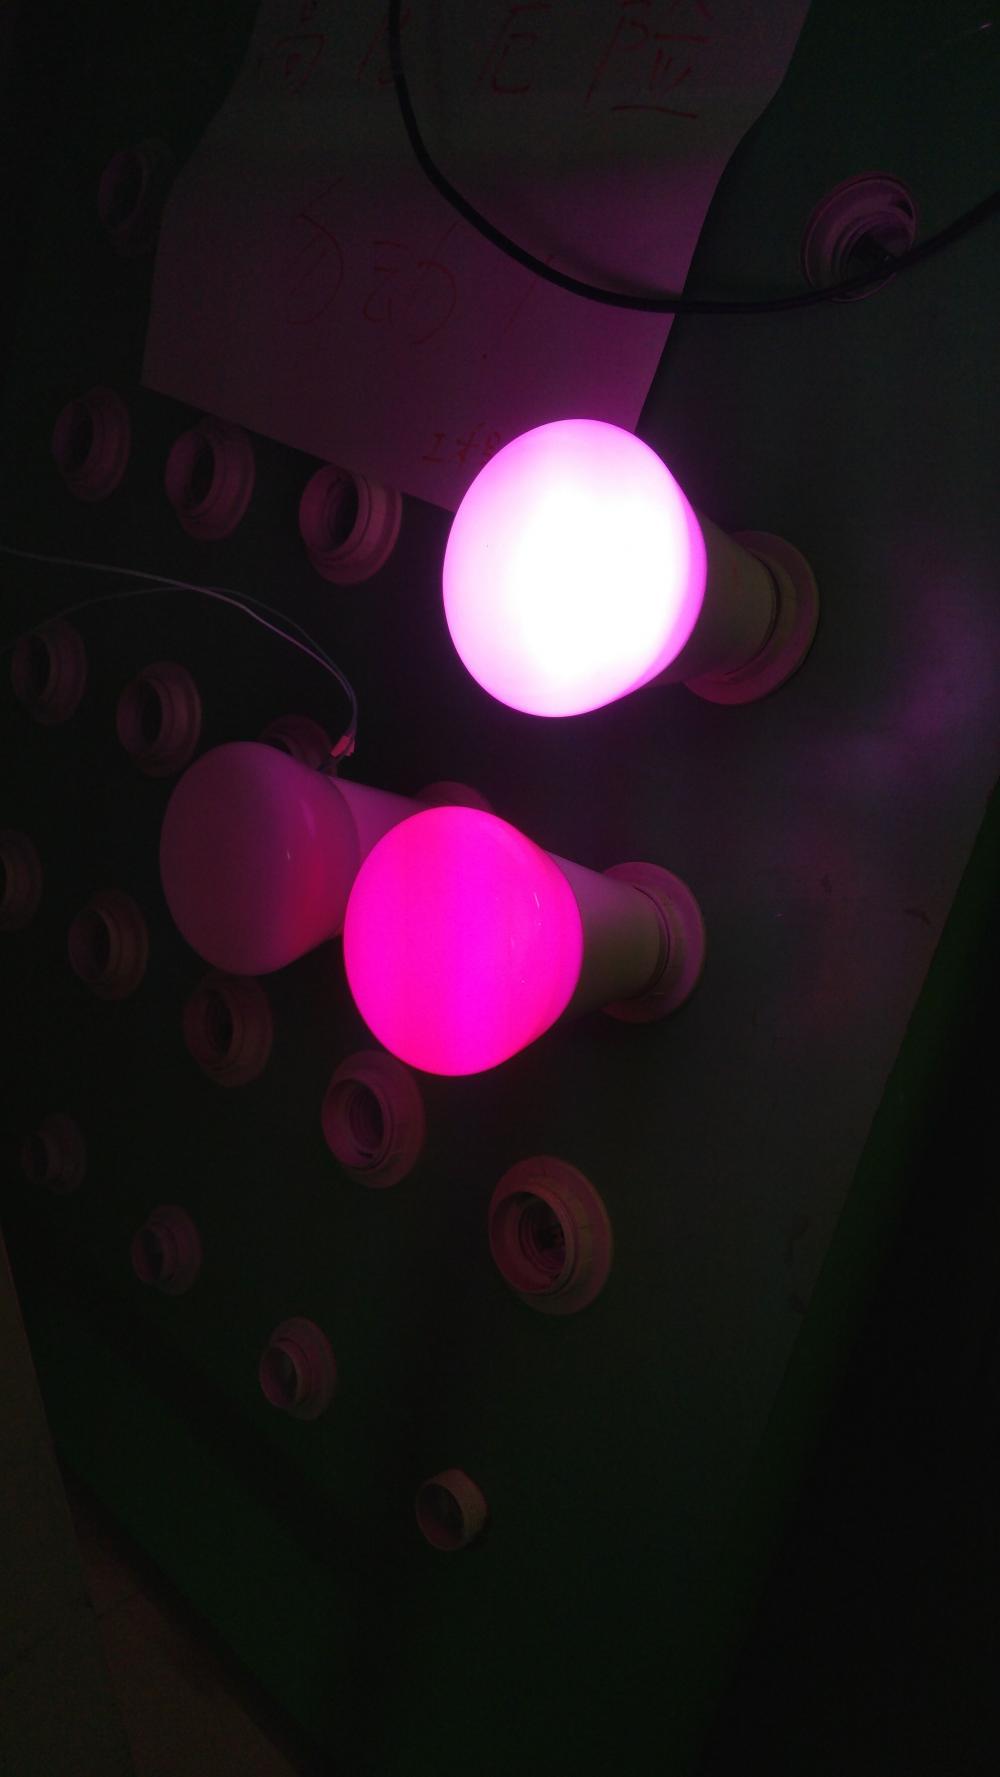 Lâmpada de iluminação de iluminação da casa E26 Wifi bulb